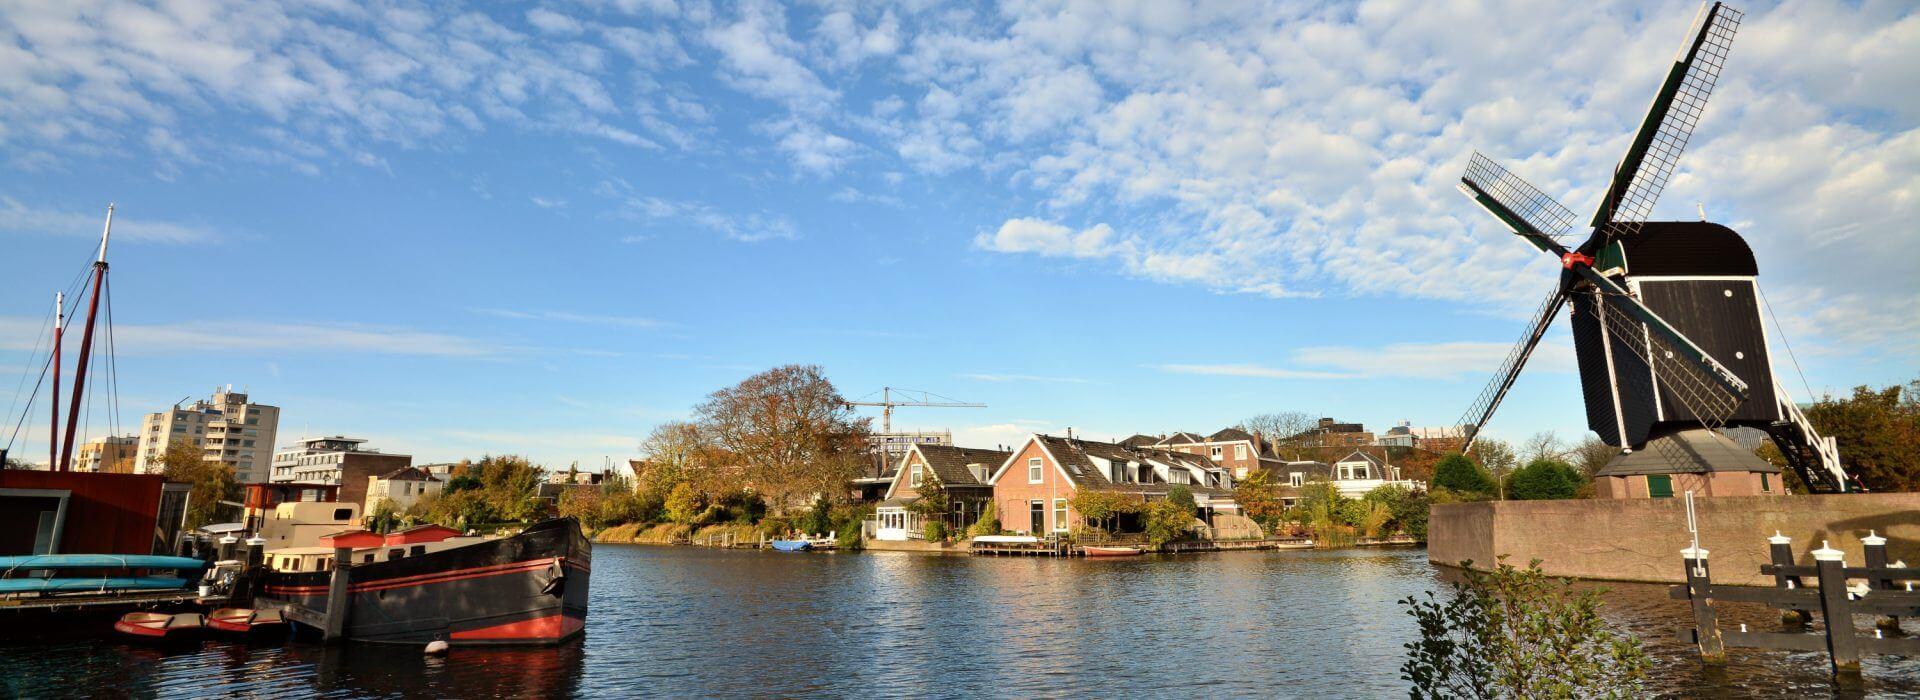 Wonen in Leiden